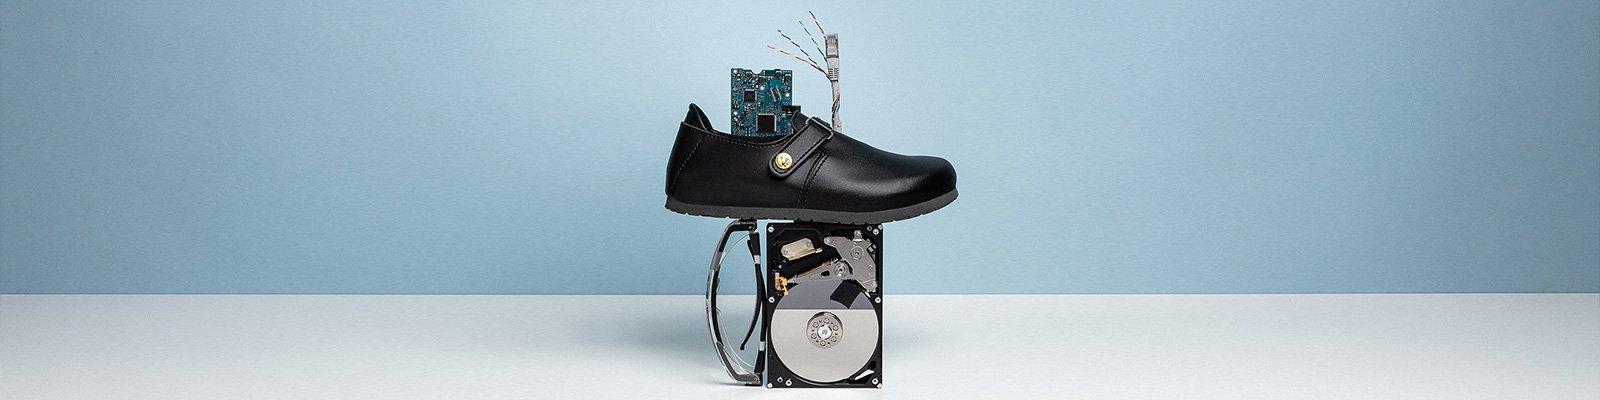 корица на професионални работни обувки BirkenStock с компютърно оборудване